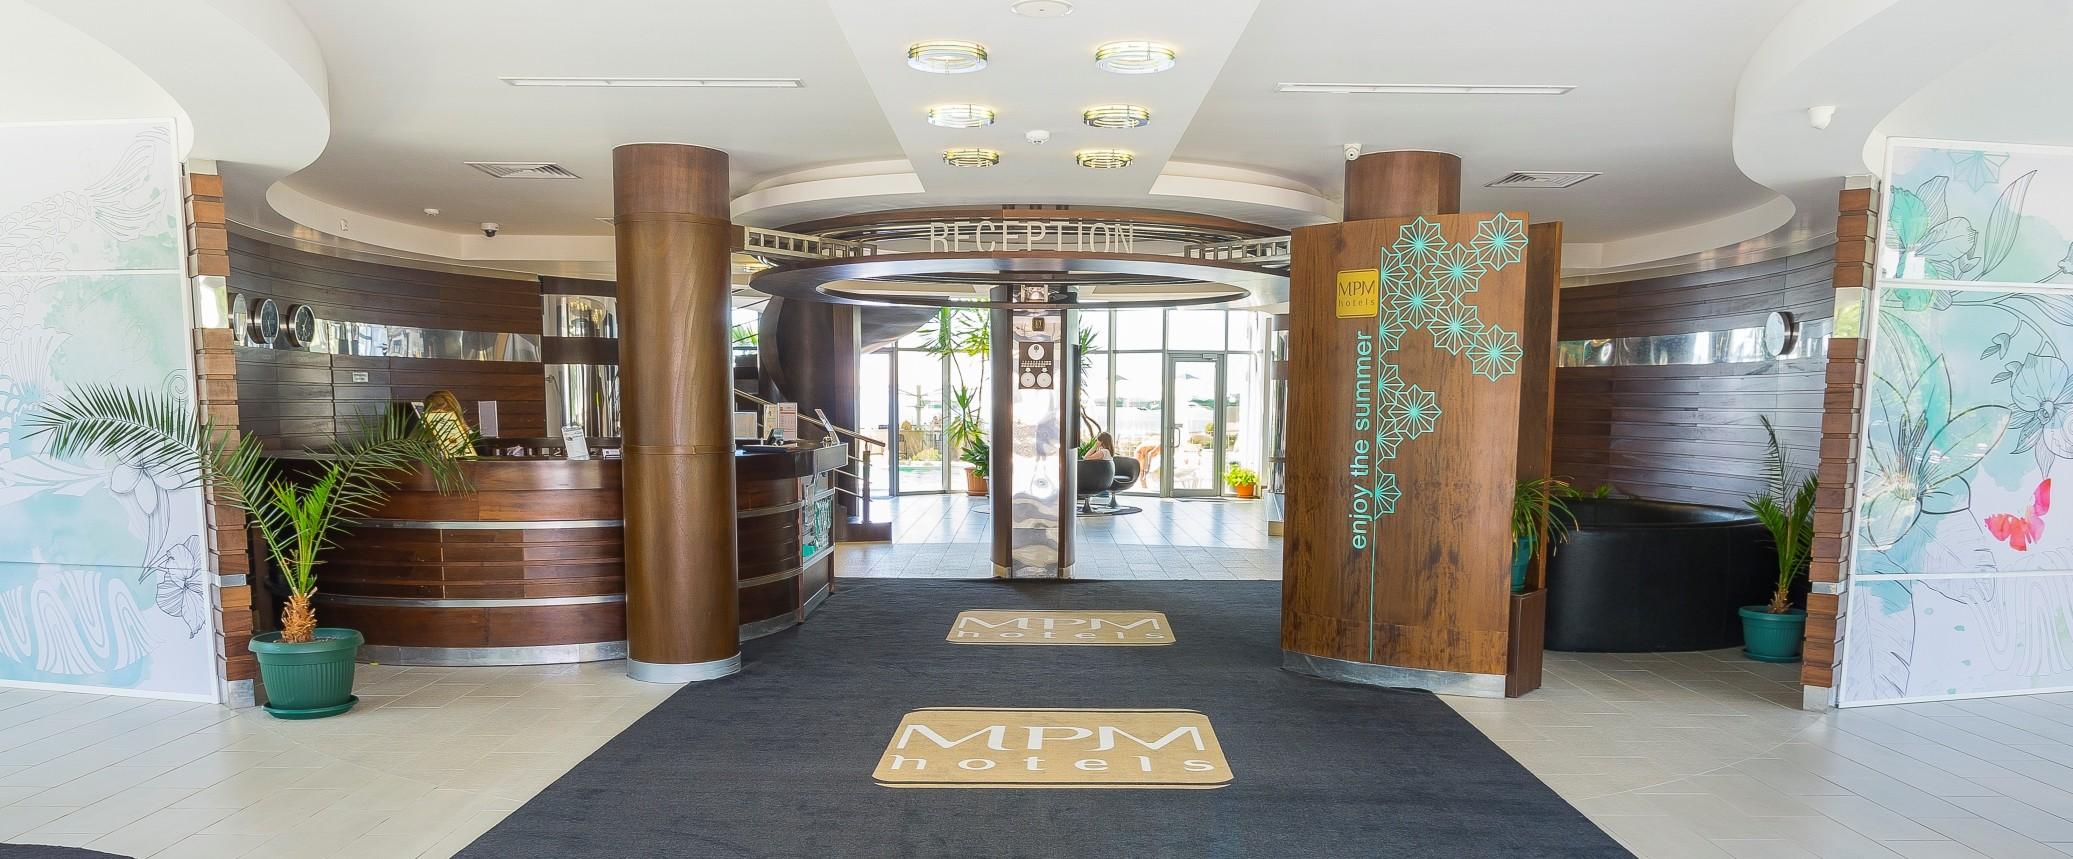 Хотел Арсена - лоби